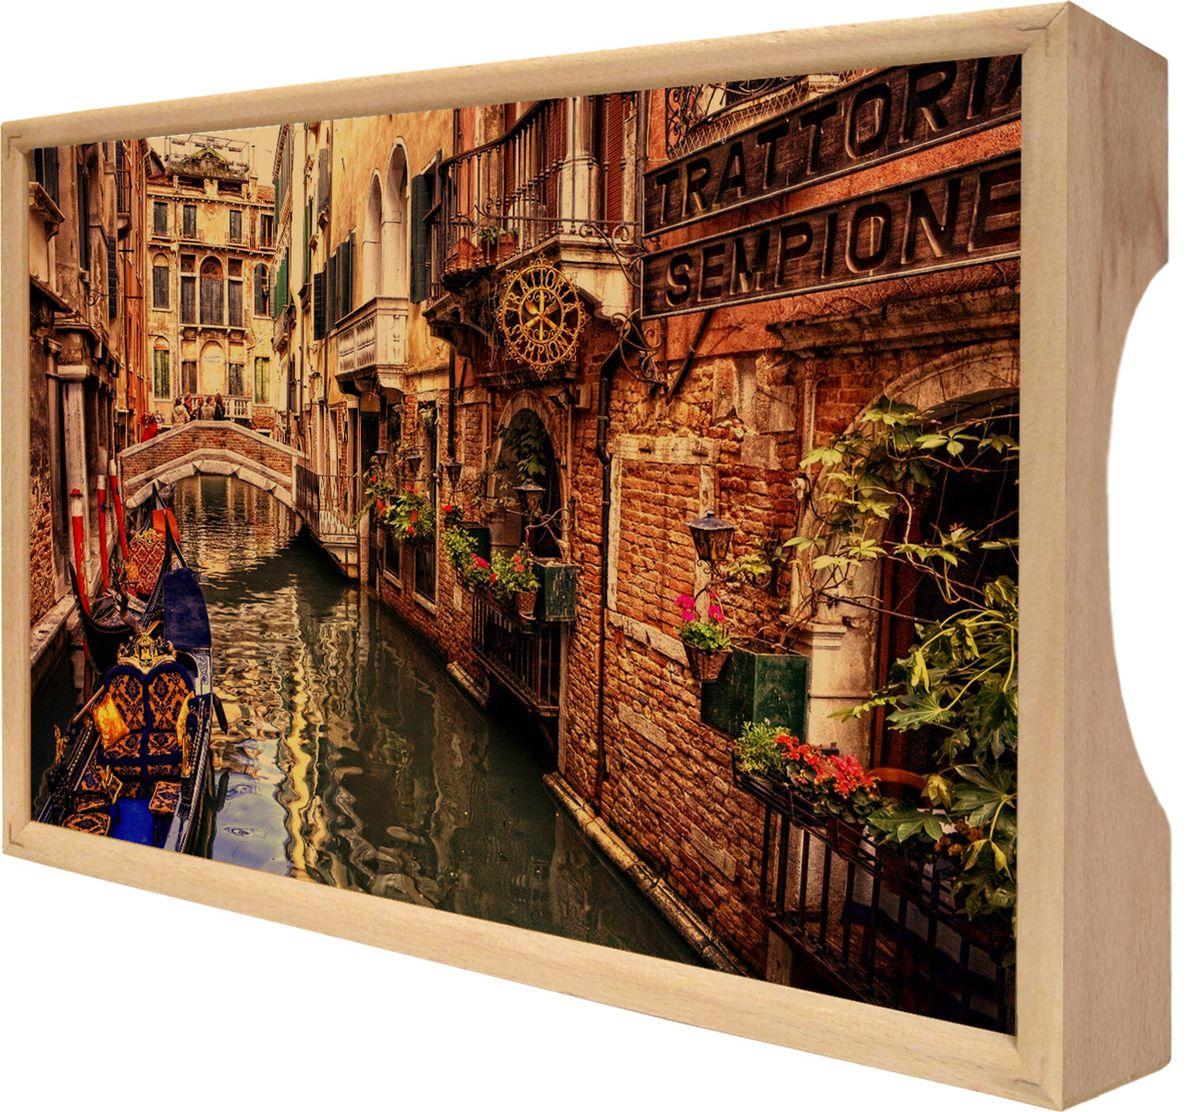 Поднос GiftnHome Венеция, 25 х 37,5 смTR-VeniceПоднос GiftnHome Венеция изготовлен из бука - благородной породы древесины. Это крепкий, экологичный и надежный материал, который идеально подходит для производства подносов. Изделие прекрасно перенесет длительную эксплуатацию и надолго сохранит свой шарм древесной структуры и природные качества. Поднос - это великолепное решение для подарка и истинный комплимент вашим любимым и близким людям. С ним вы с легкостью сможете подать кофе, завтрак в постель или вынести на веранду гостям закуски и фрукты. Помимо функциональной пользы, данное изделие изысканно дополнит интерьер помещения и внесет уют в домашнее пространство. Нанесенные на поднос дизайнерские принты от Креативной Студии АнтониоК делают изделие уникальным.